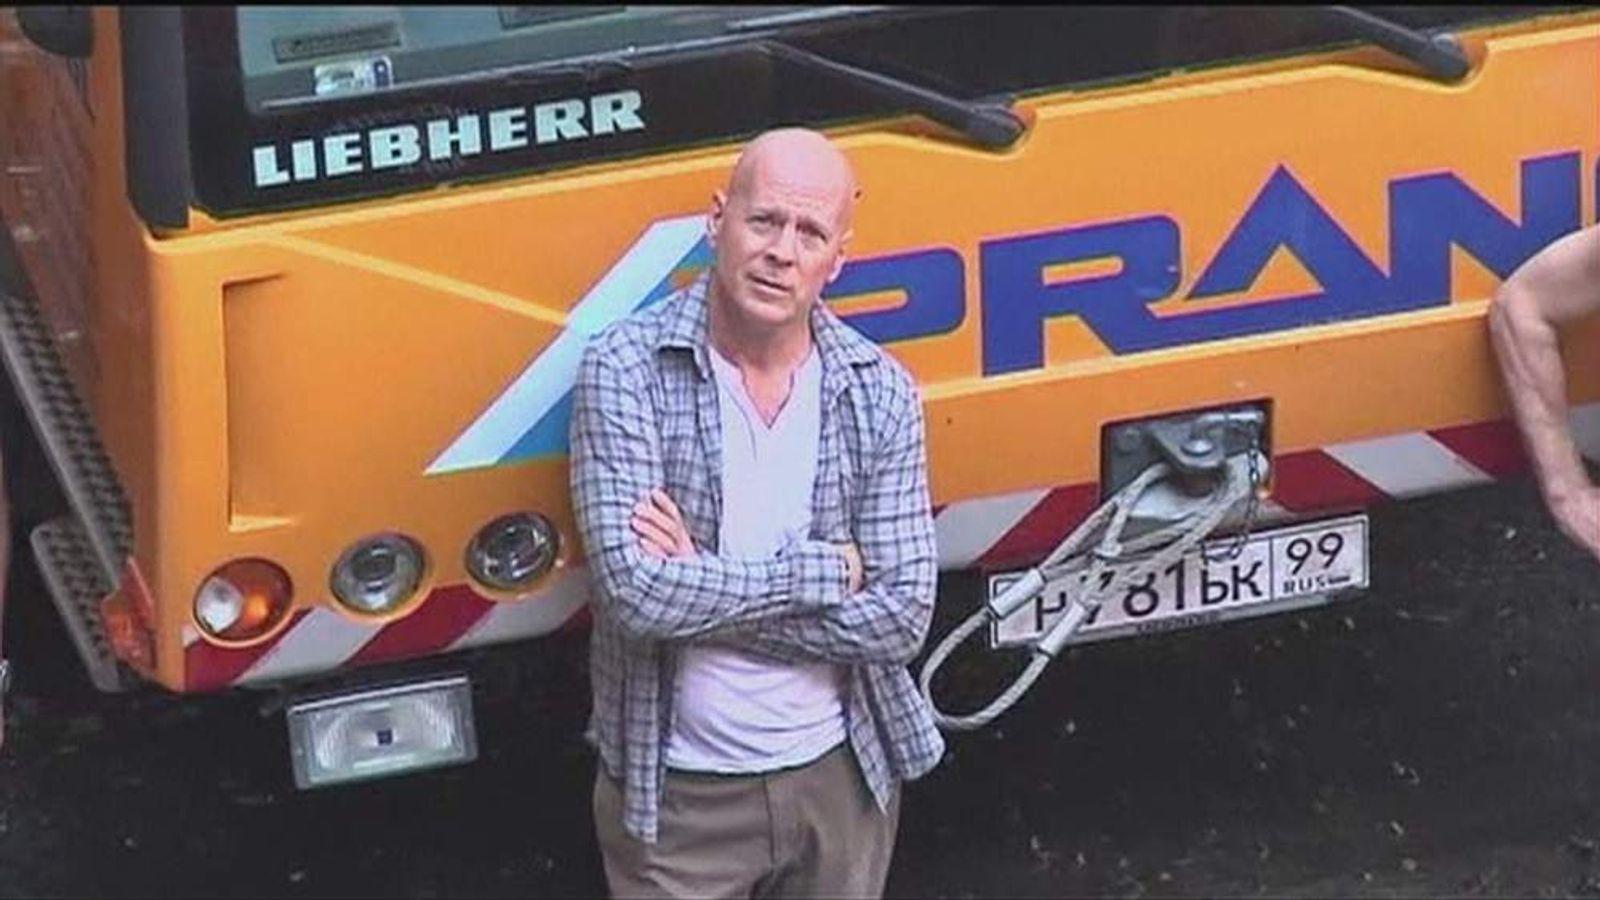 Bruce Willis On Set Of Die Hard 5 Film In Hungary